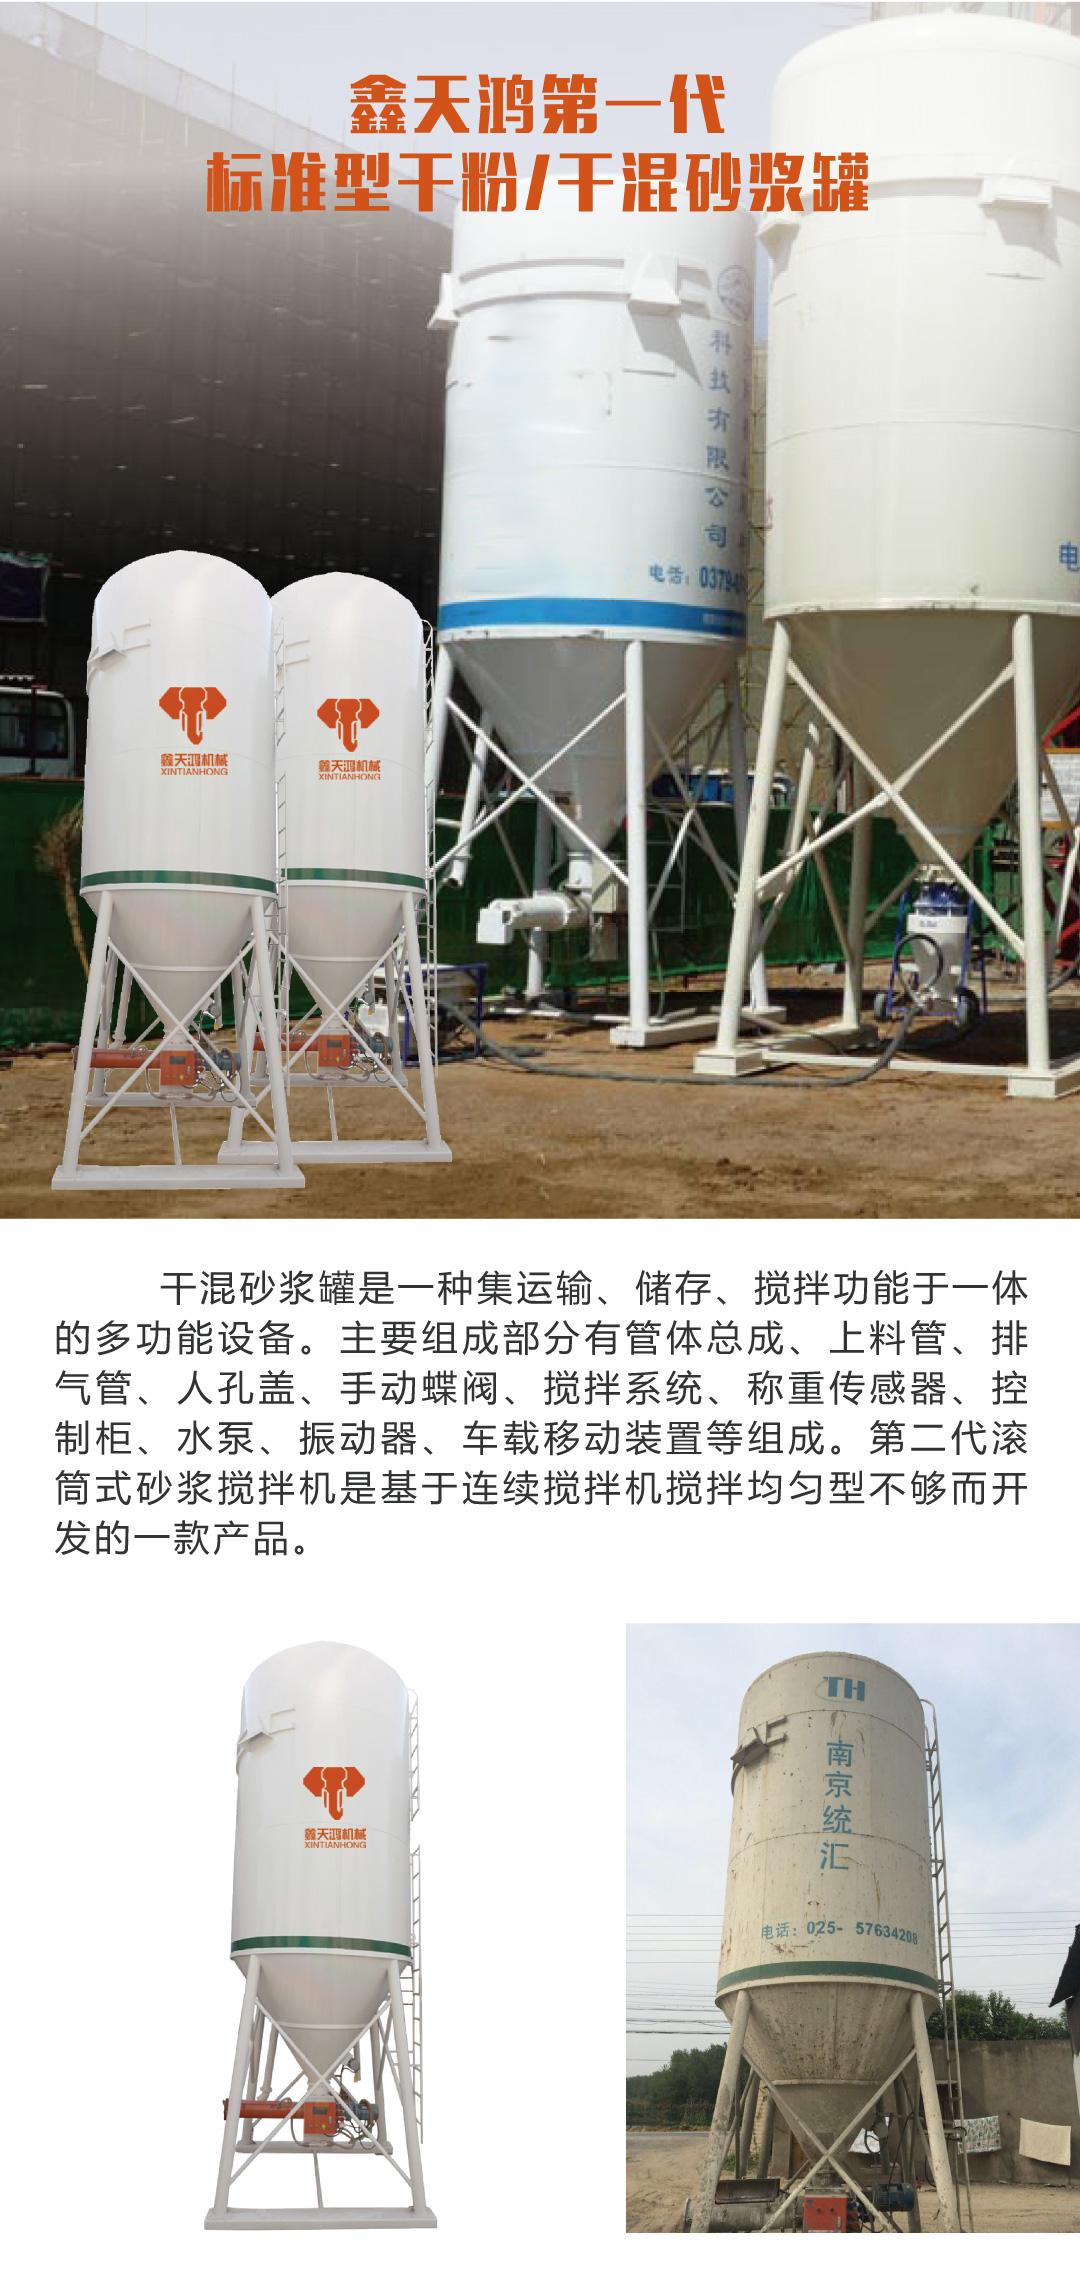 鑫天鸿第一代标准型干粉砂浆罐_01